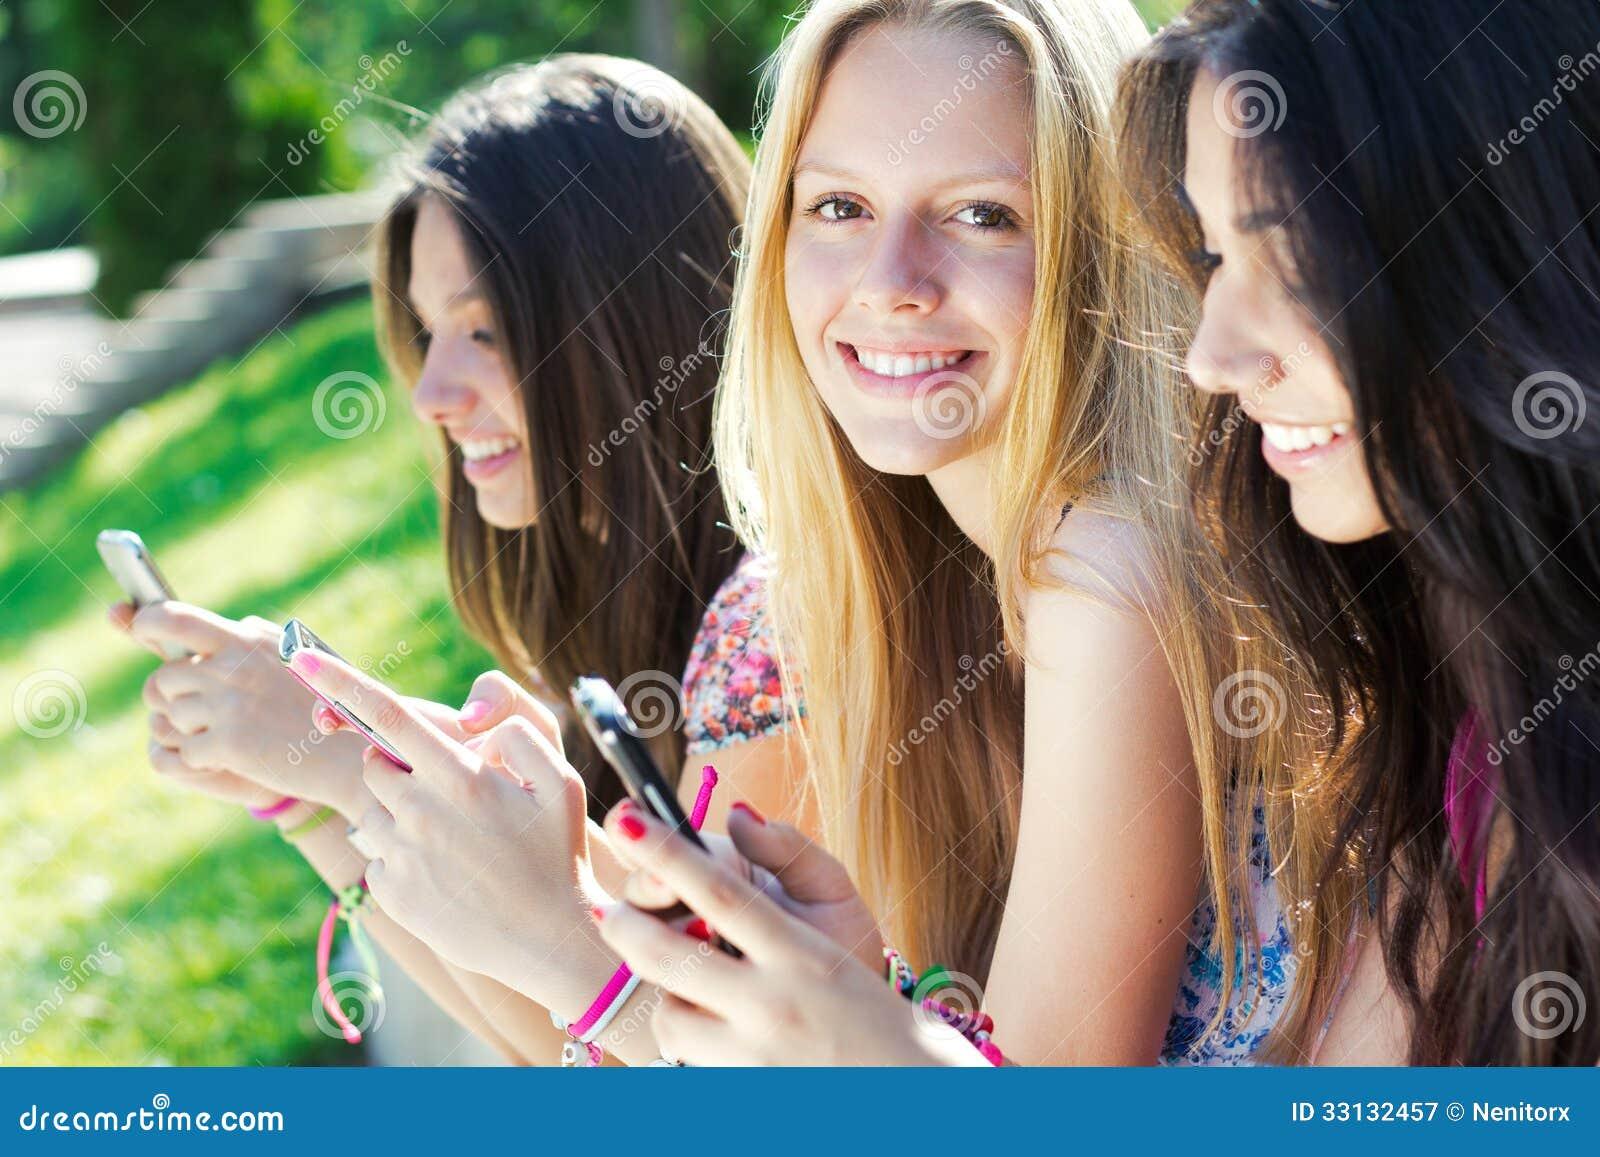 Girls chat strip galleries 94